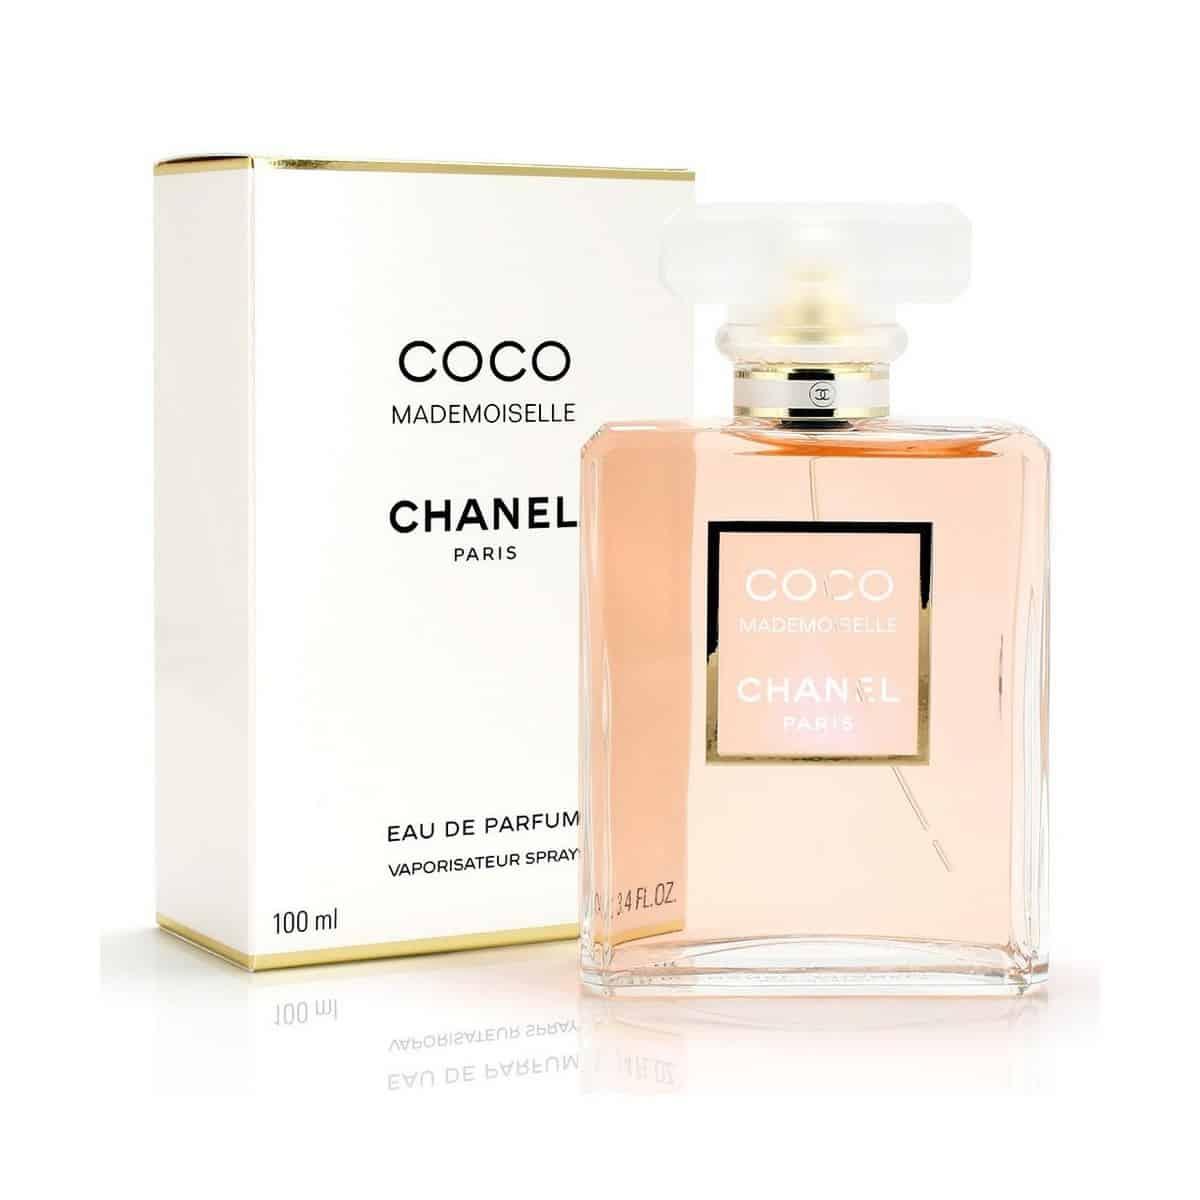 Coco Mademoiselle Eau de Parfum by Chanel